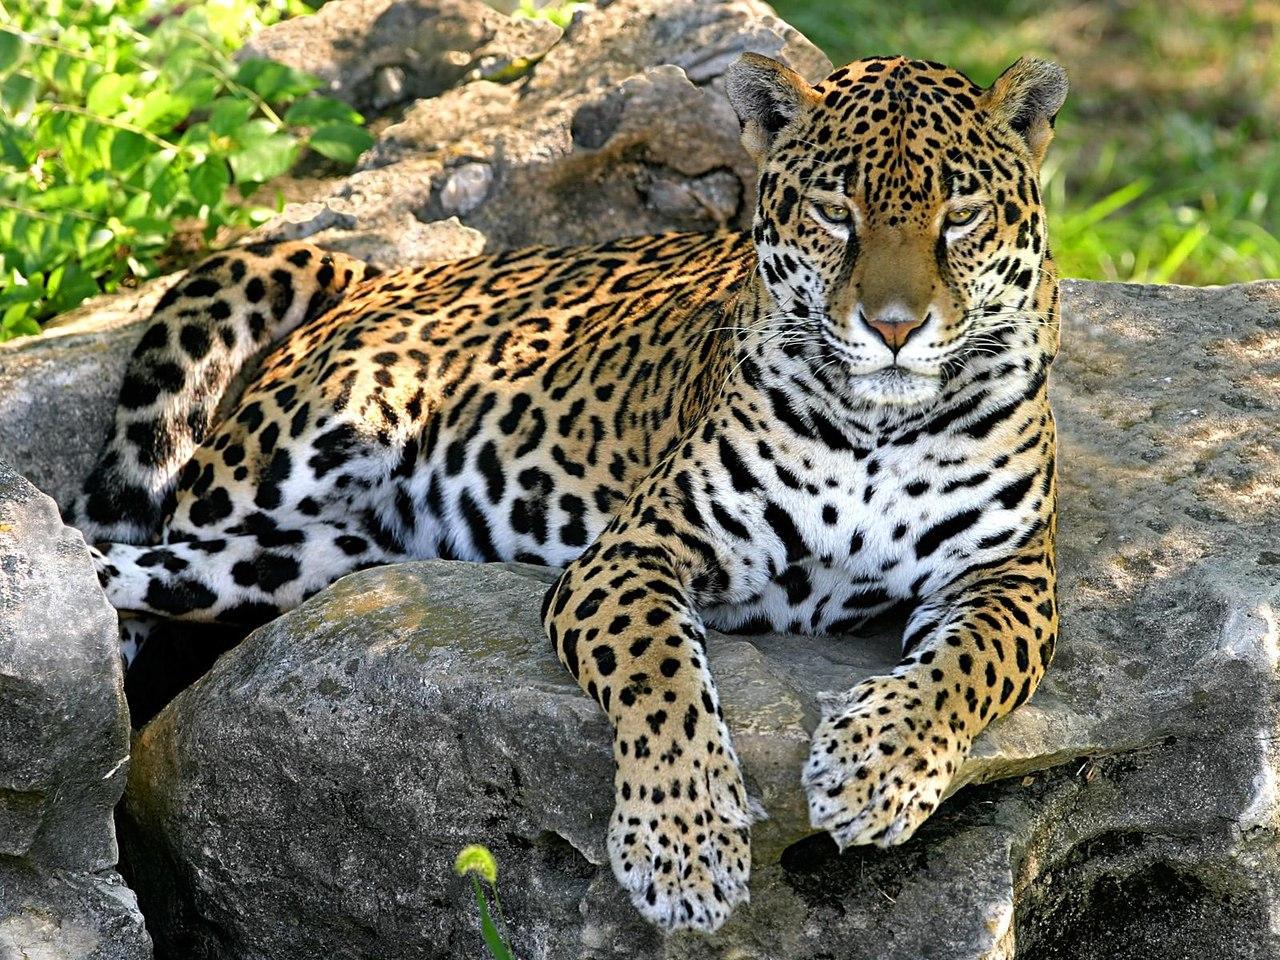 7e2c89a9dd8c Леопард от Иван за 09 апреля 2014 кошка, леопард